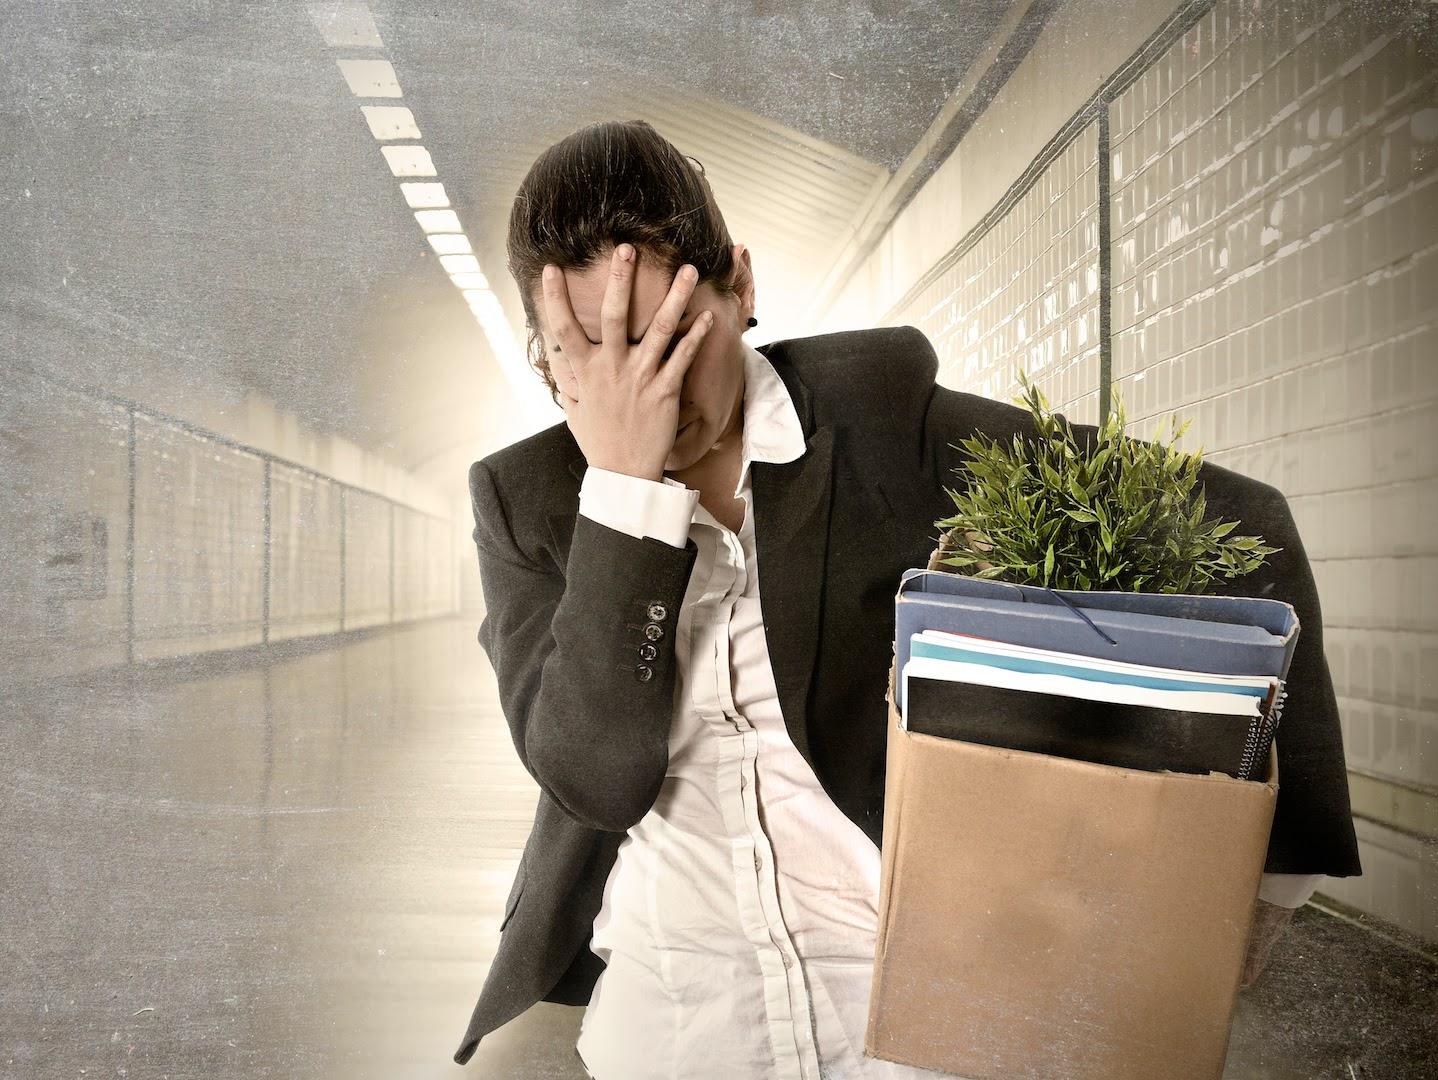 job loss.jpg